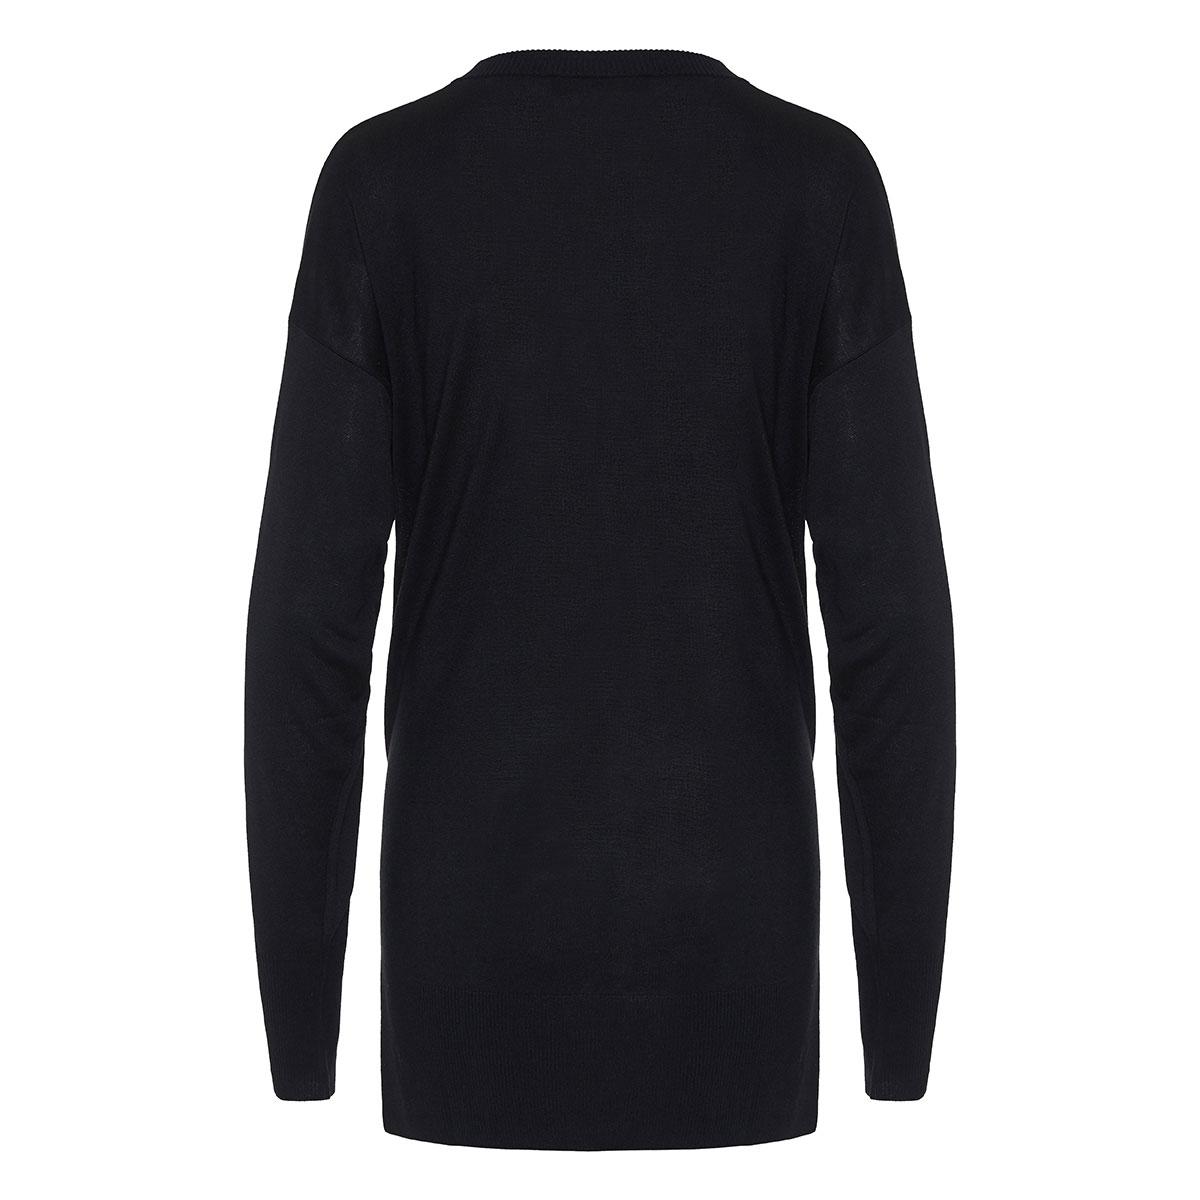 Pin-embellished oversized sweater